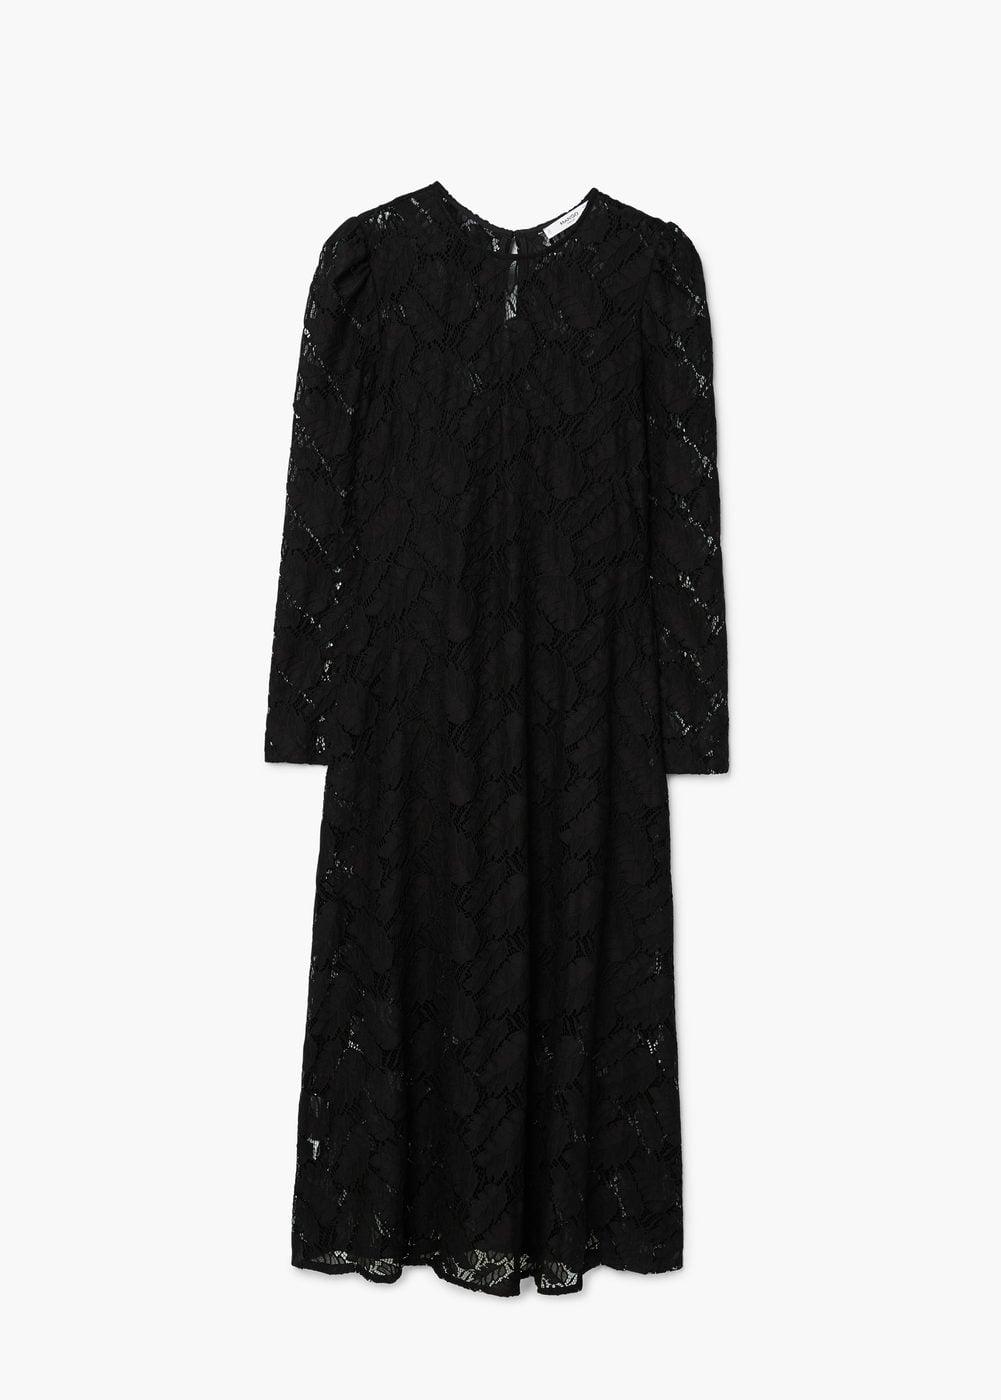 Czarna sukienka koronkowa, dł. 3/4. Cena: 114,90 zł. Materiały prasowe Mango